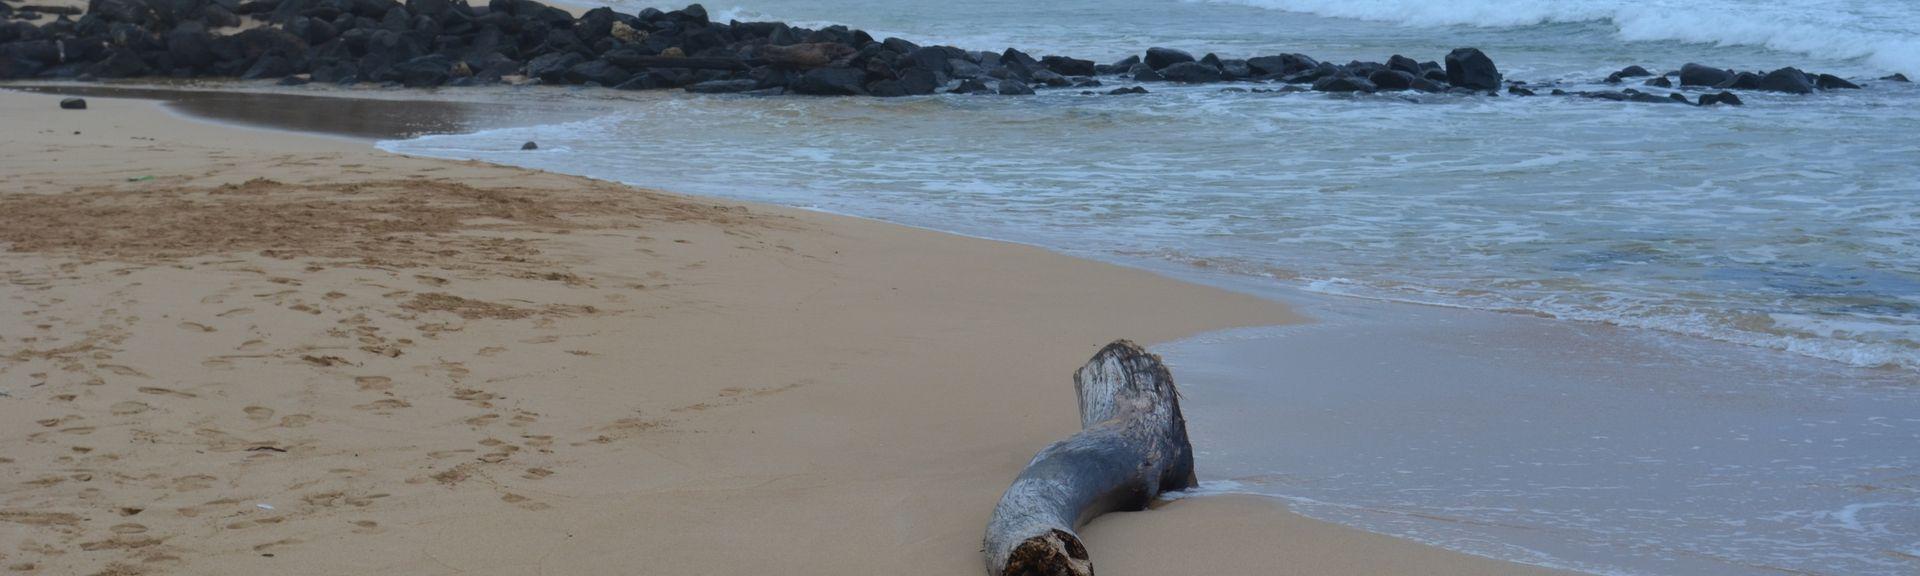 Kauai Beach Resort (Hanamaulu, Hawaii, Stati Uniti d'America)